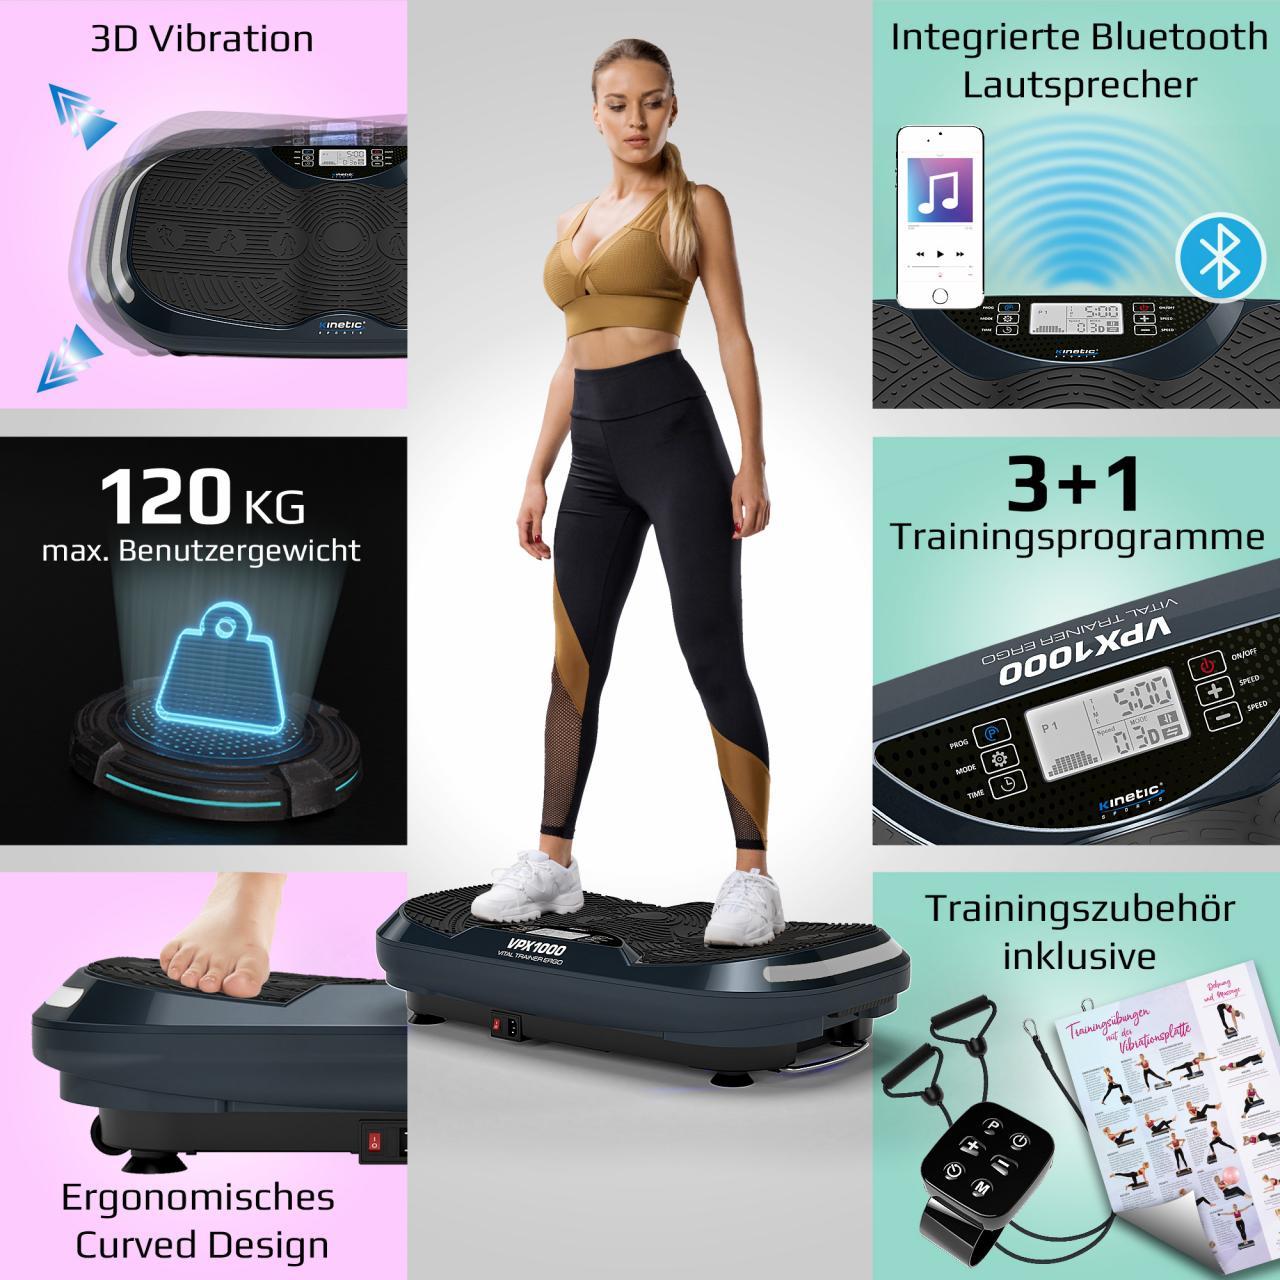 Kinetic Sports 3D Vibrationsplatte VPX1000 VITAL TRAINER ERGO Curved Design